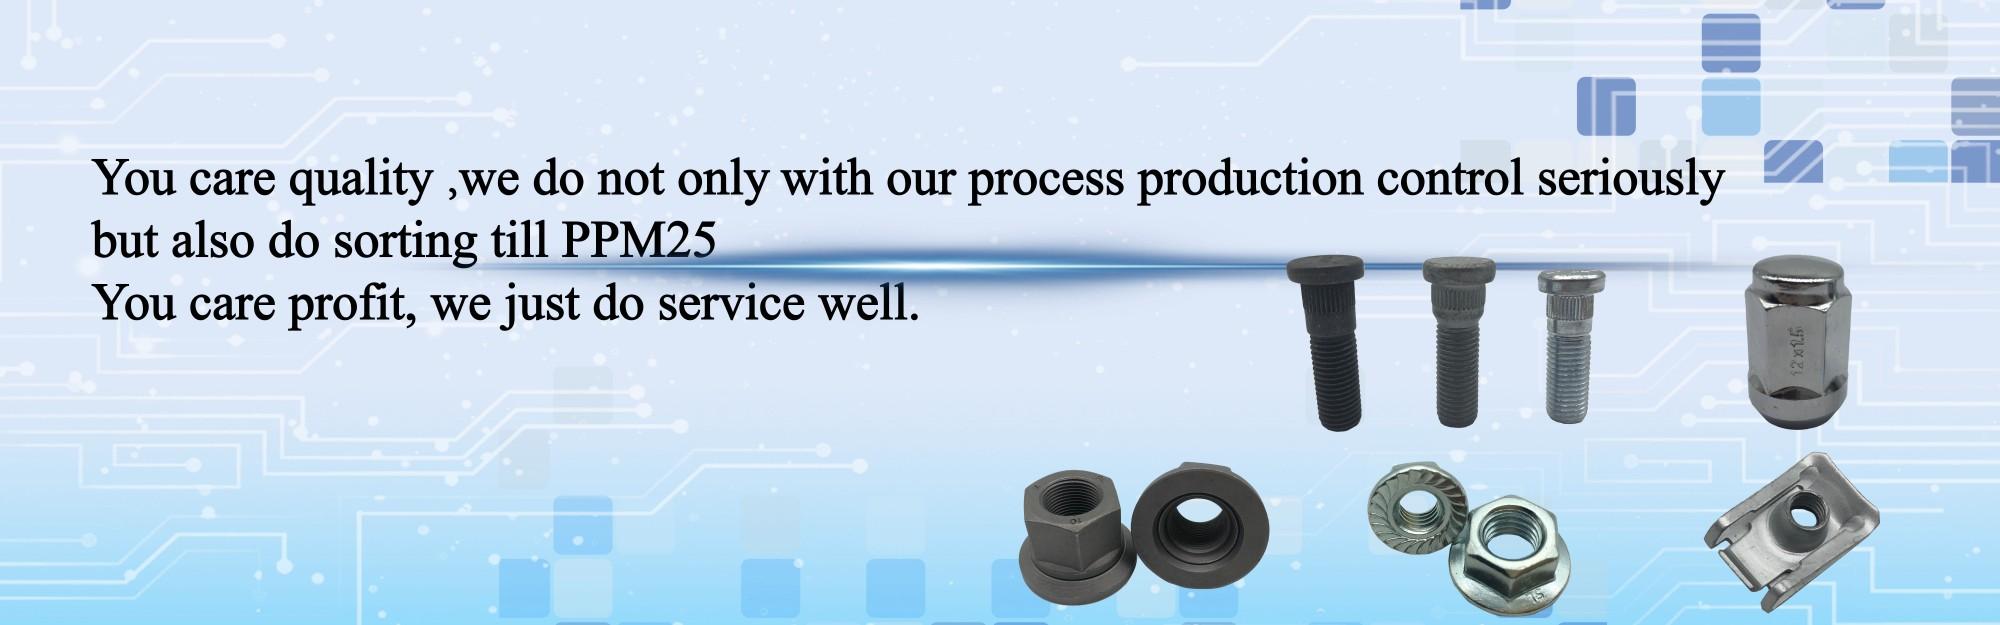 Socket Screw Flange bolt press screw Clip Nut flange bolt flange nut automotive fasteners